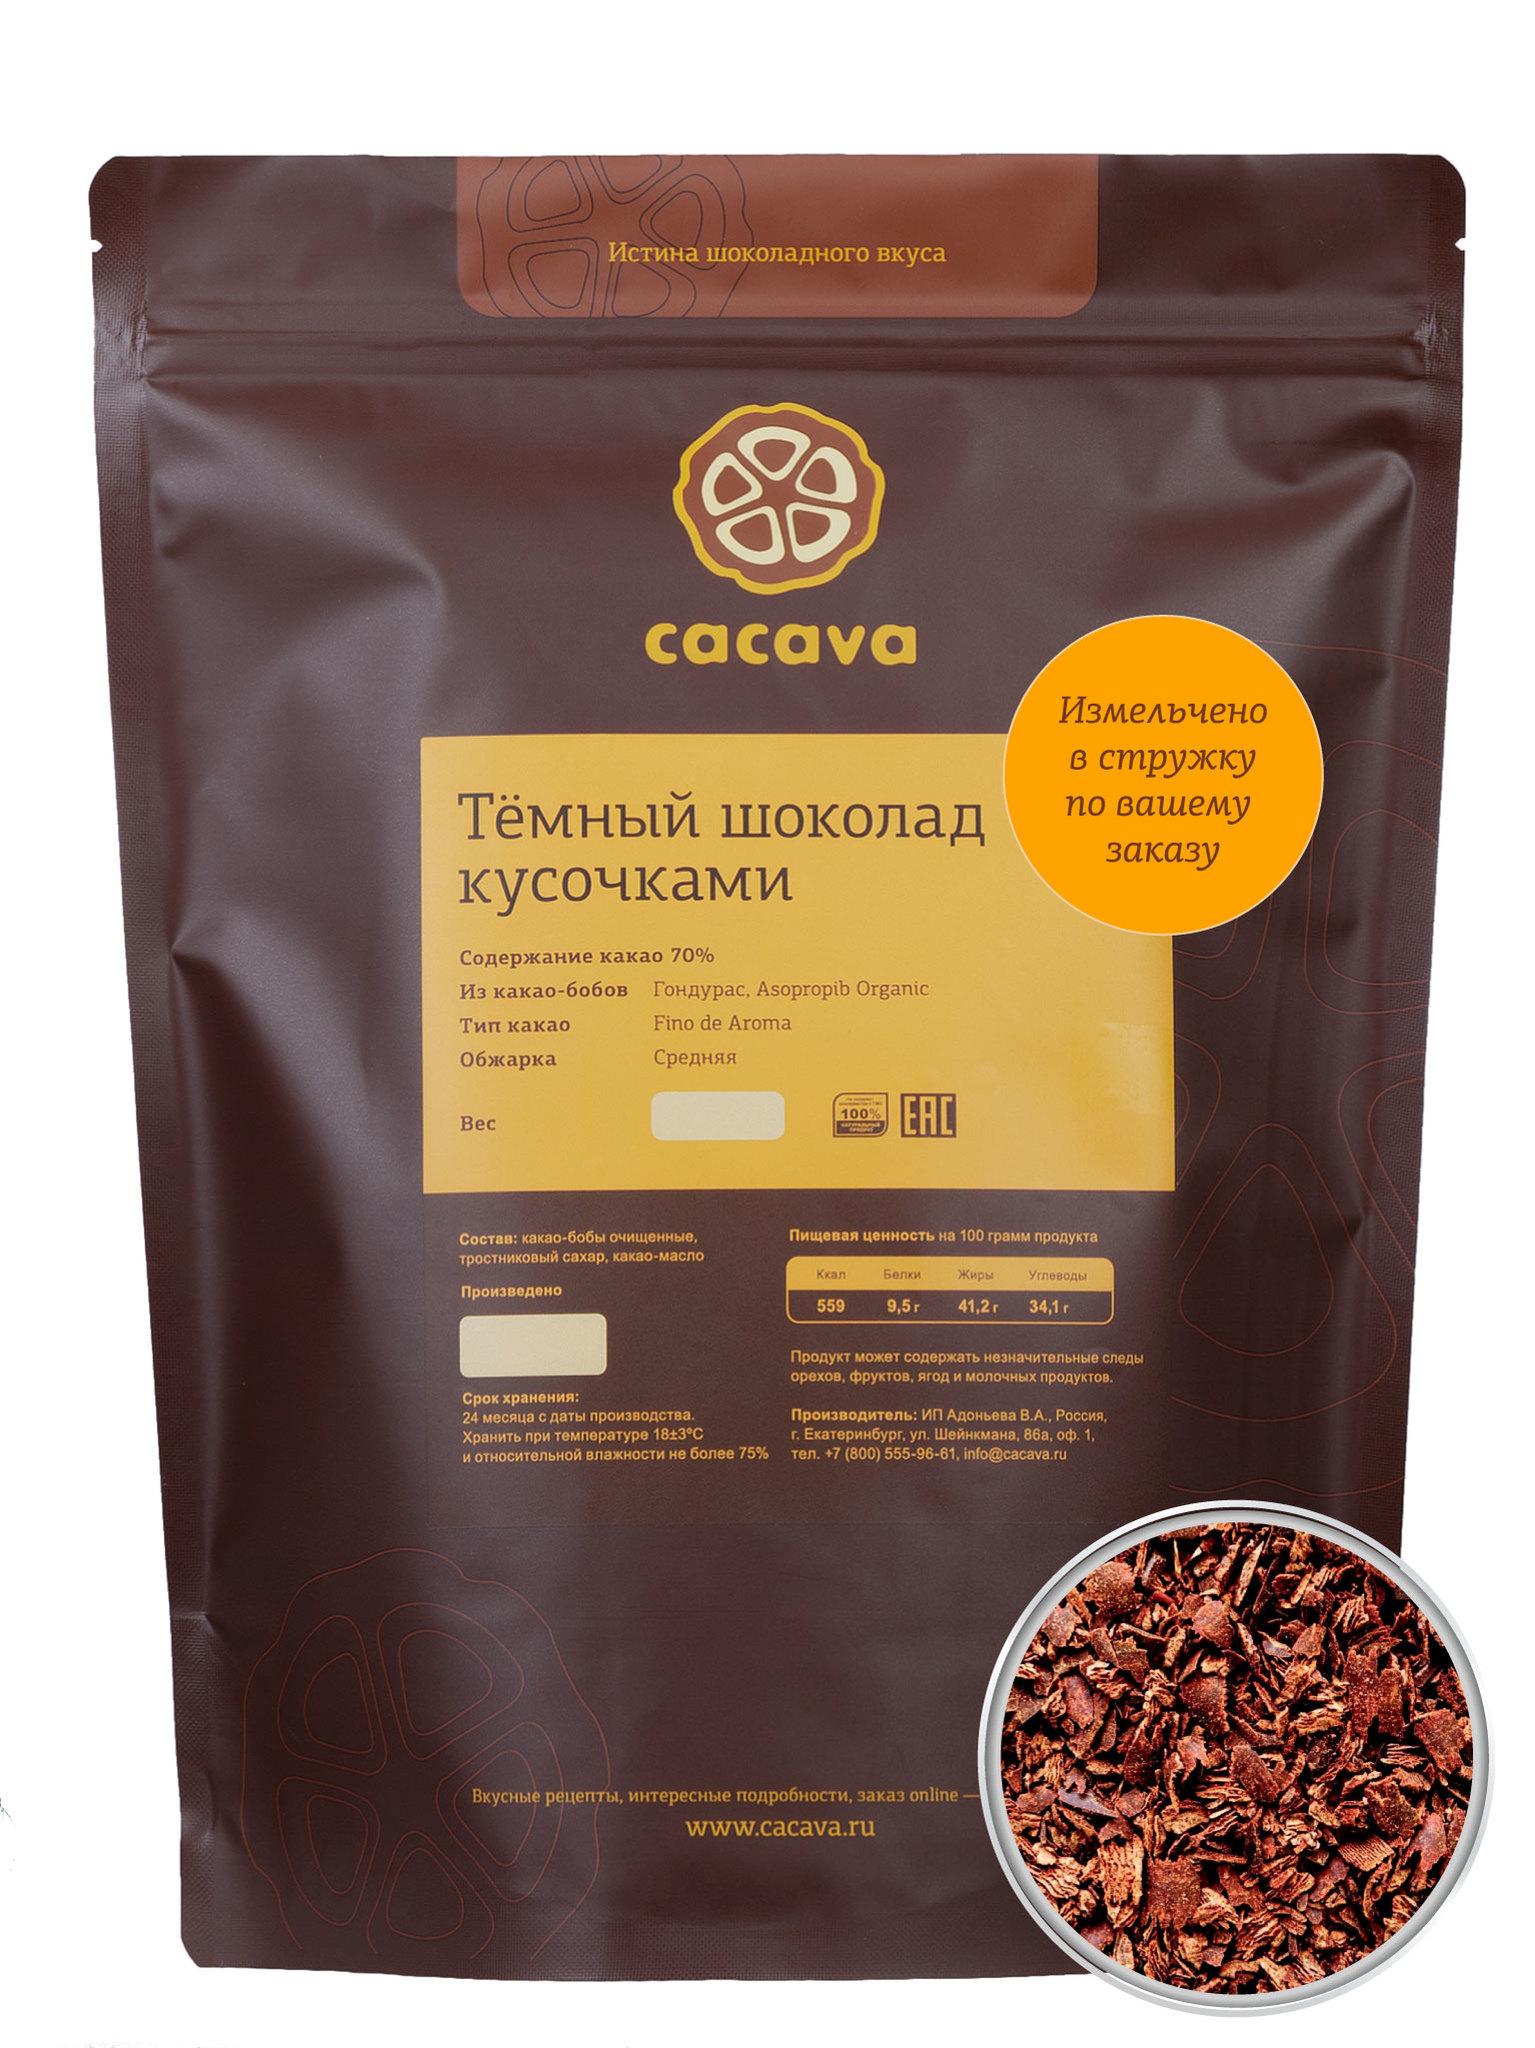 Тёмный шоколад 70 % какао в стружке (Гондурас, Asopropib), упаковка 1 кг